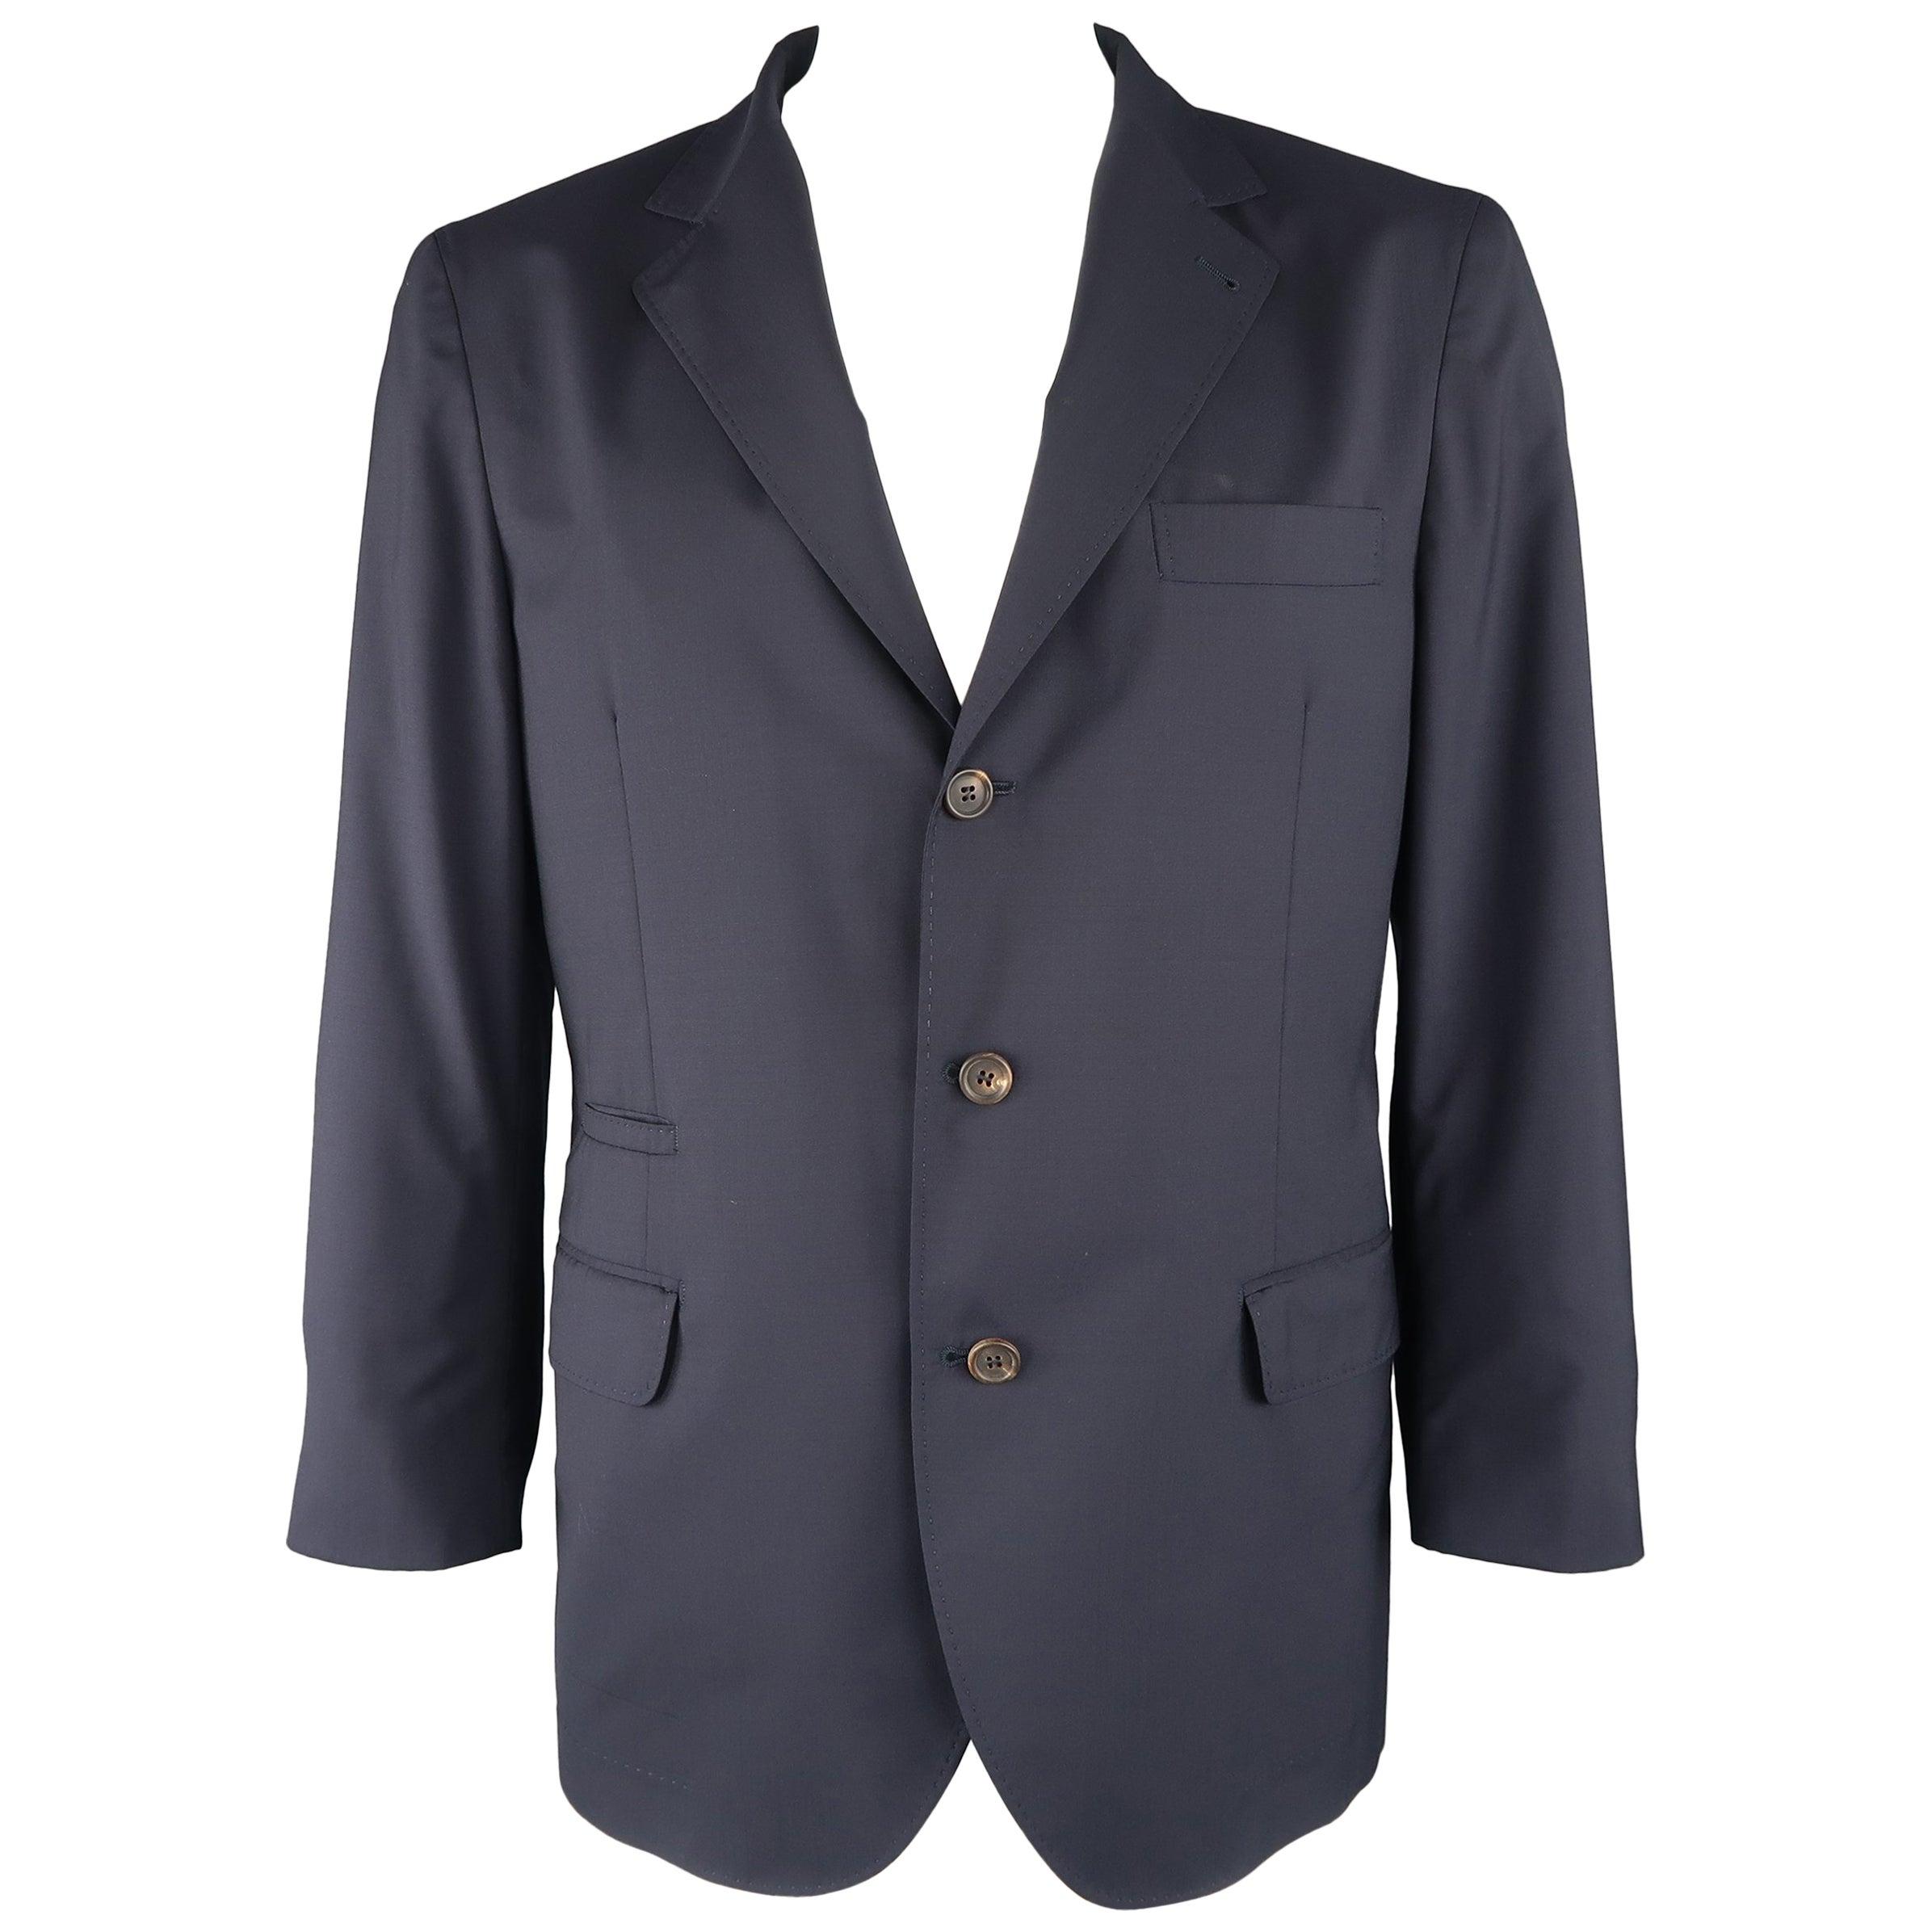 b4b654555 BRUNELLO CUCINELLI 44 R Navy Wool / Silk Notch Lapel Sport Coat / Jacket